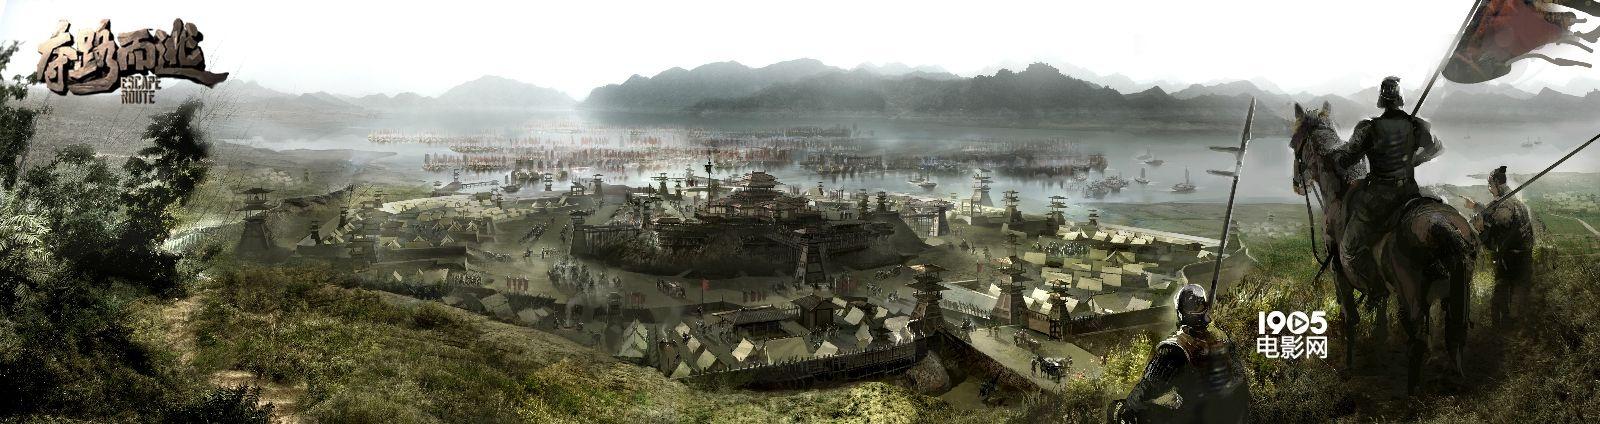 三川皇宫,古风战场等经典场景手绘图一一揭开神秘面纱,现出庐山真面目